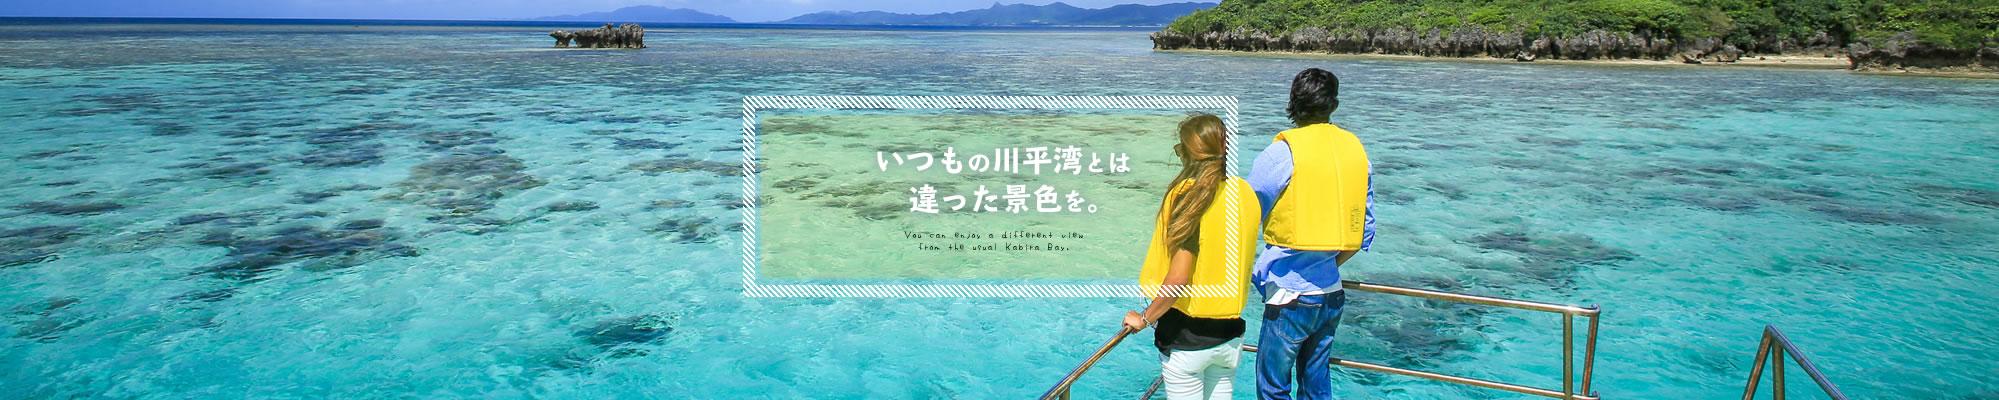 石垣島・川平湾マンタプレミアムクルージング